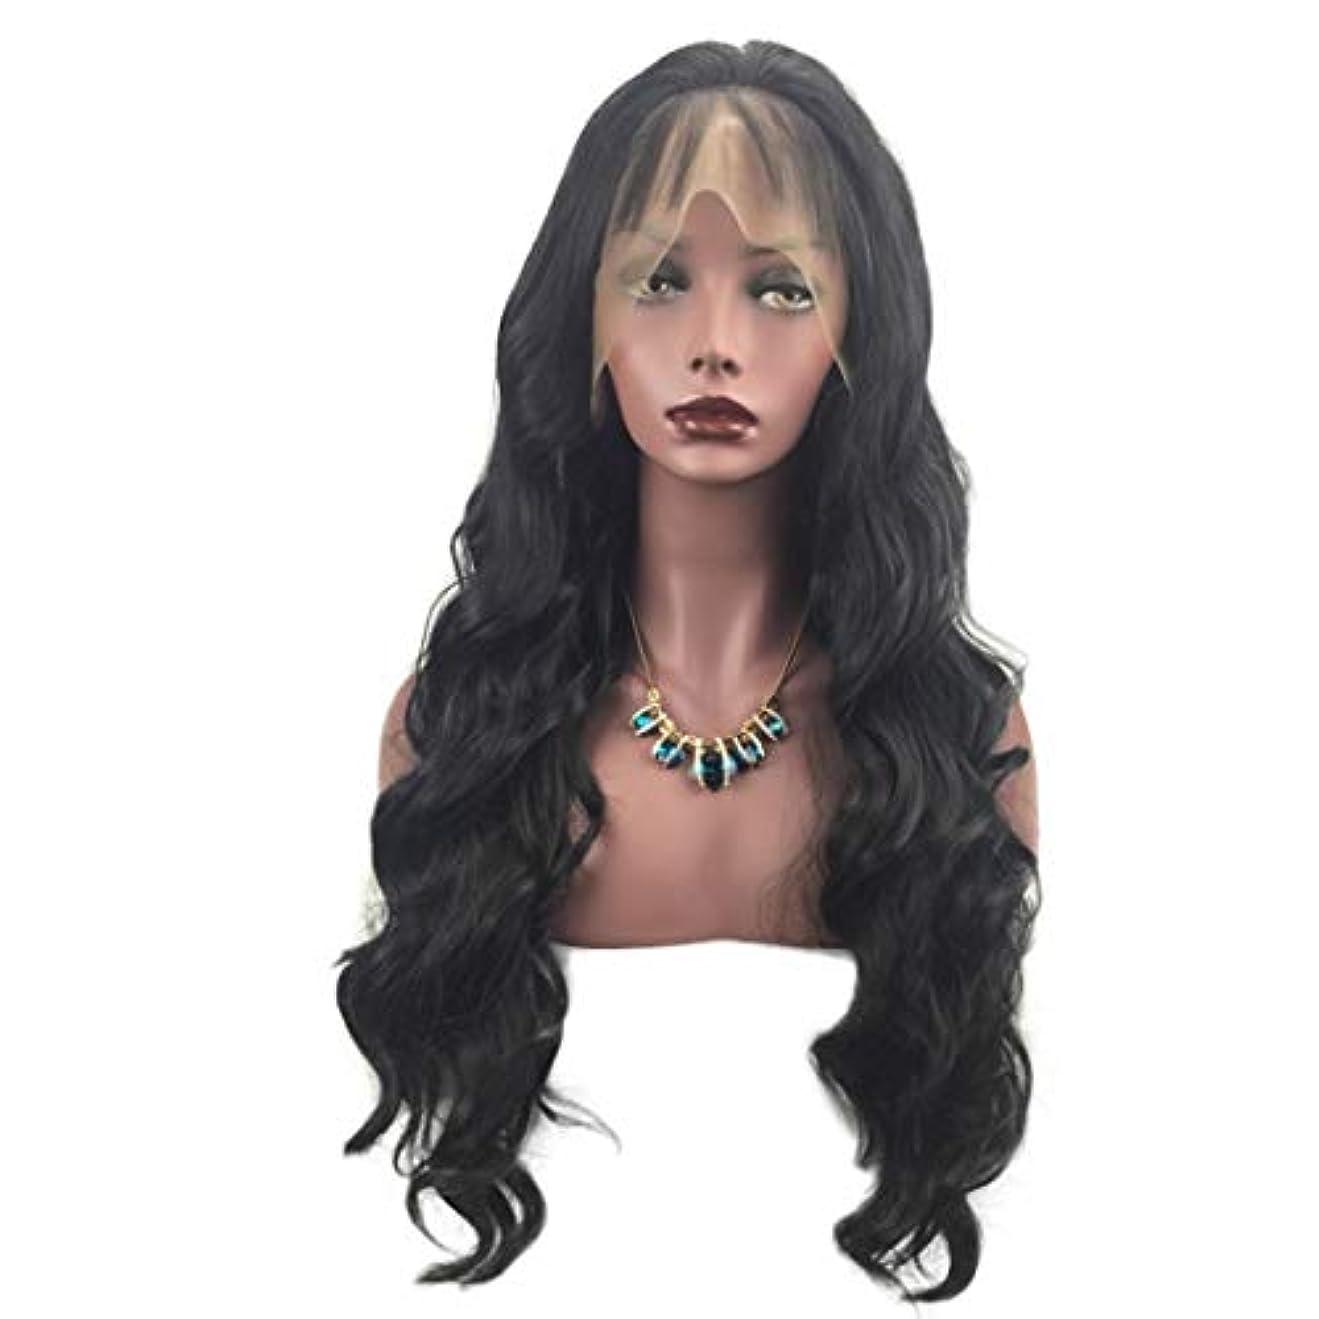 ボックスおばあさんおばあさんKoloeplf 女性のための短い緩いカーリー合成かつら黒い色の髪24インチ (Size : 24inch)